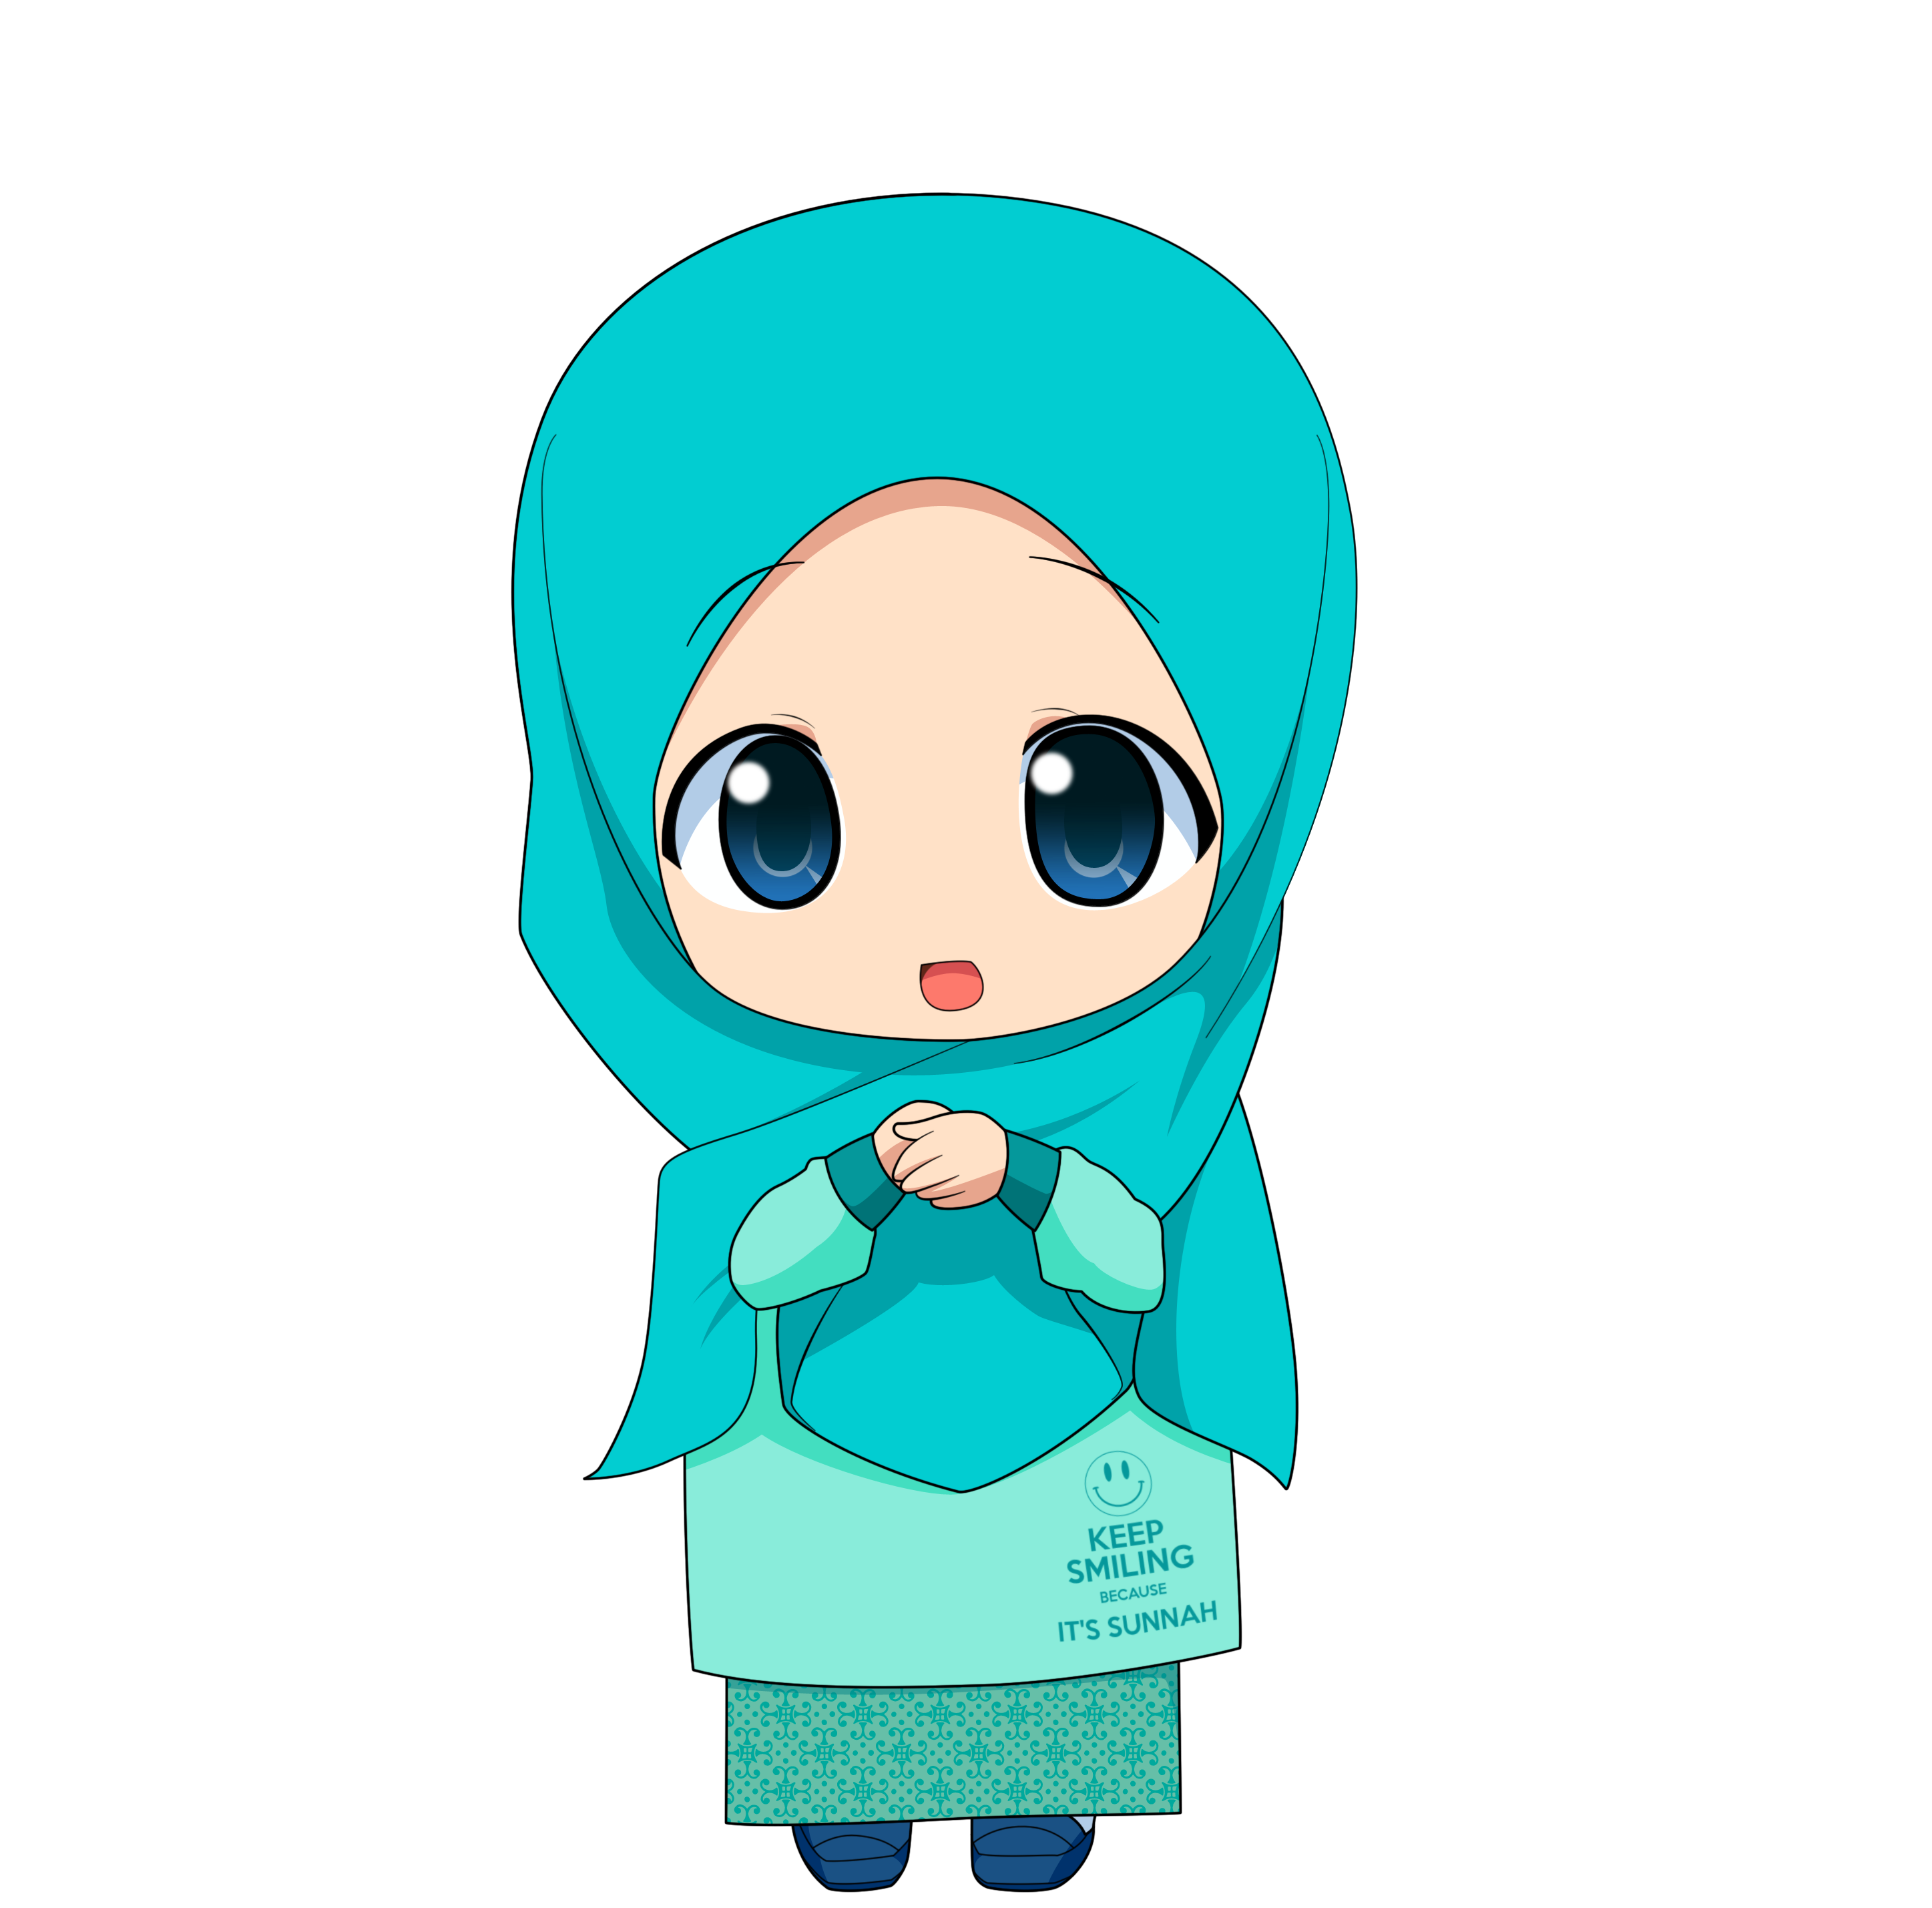 Kartun Chibi Muslimah Comel Dan Lucu Azhan Co